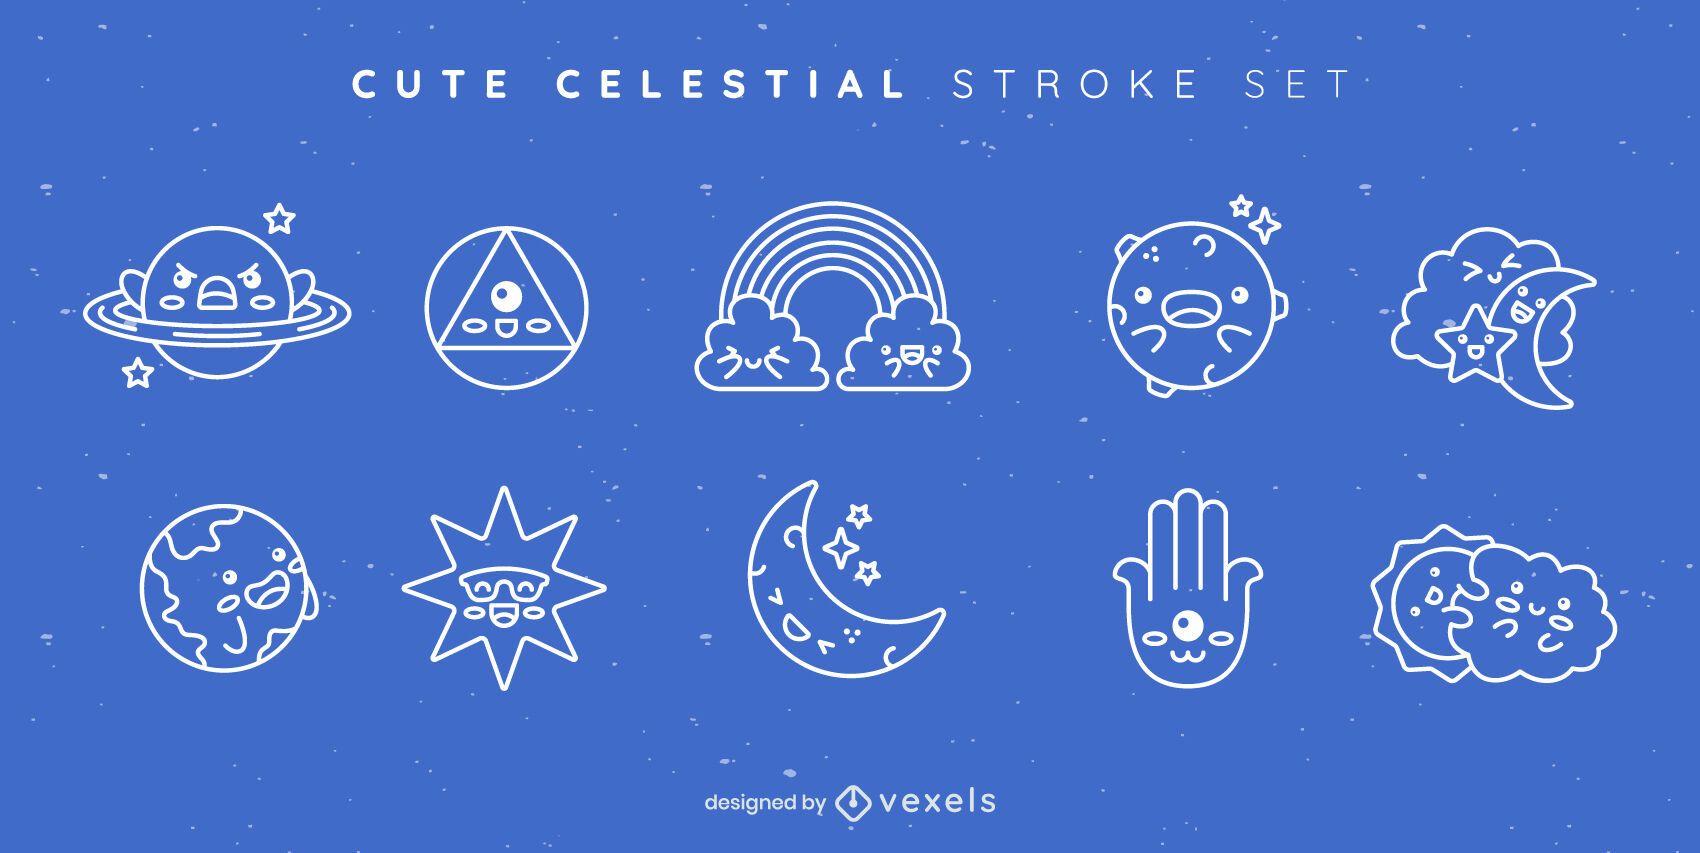 Cute celestial stroke set